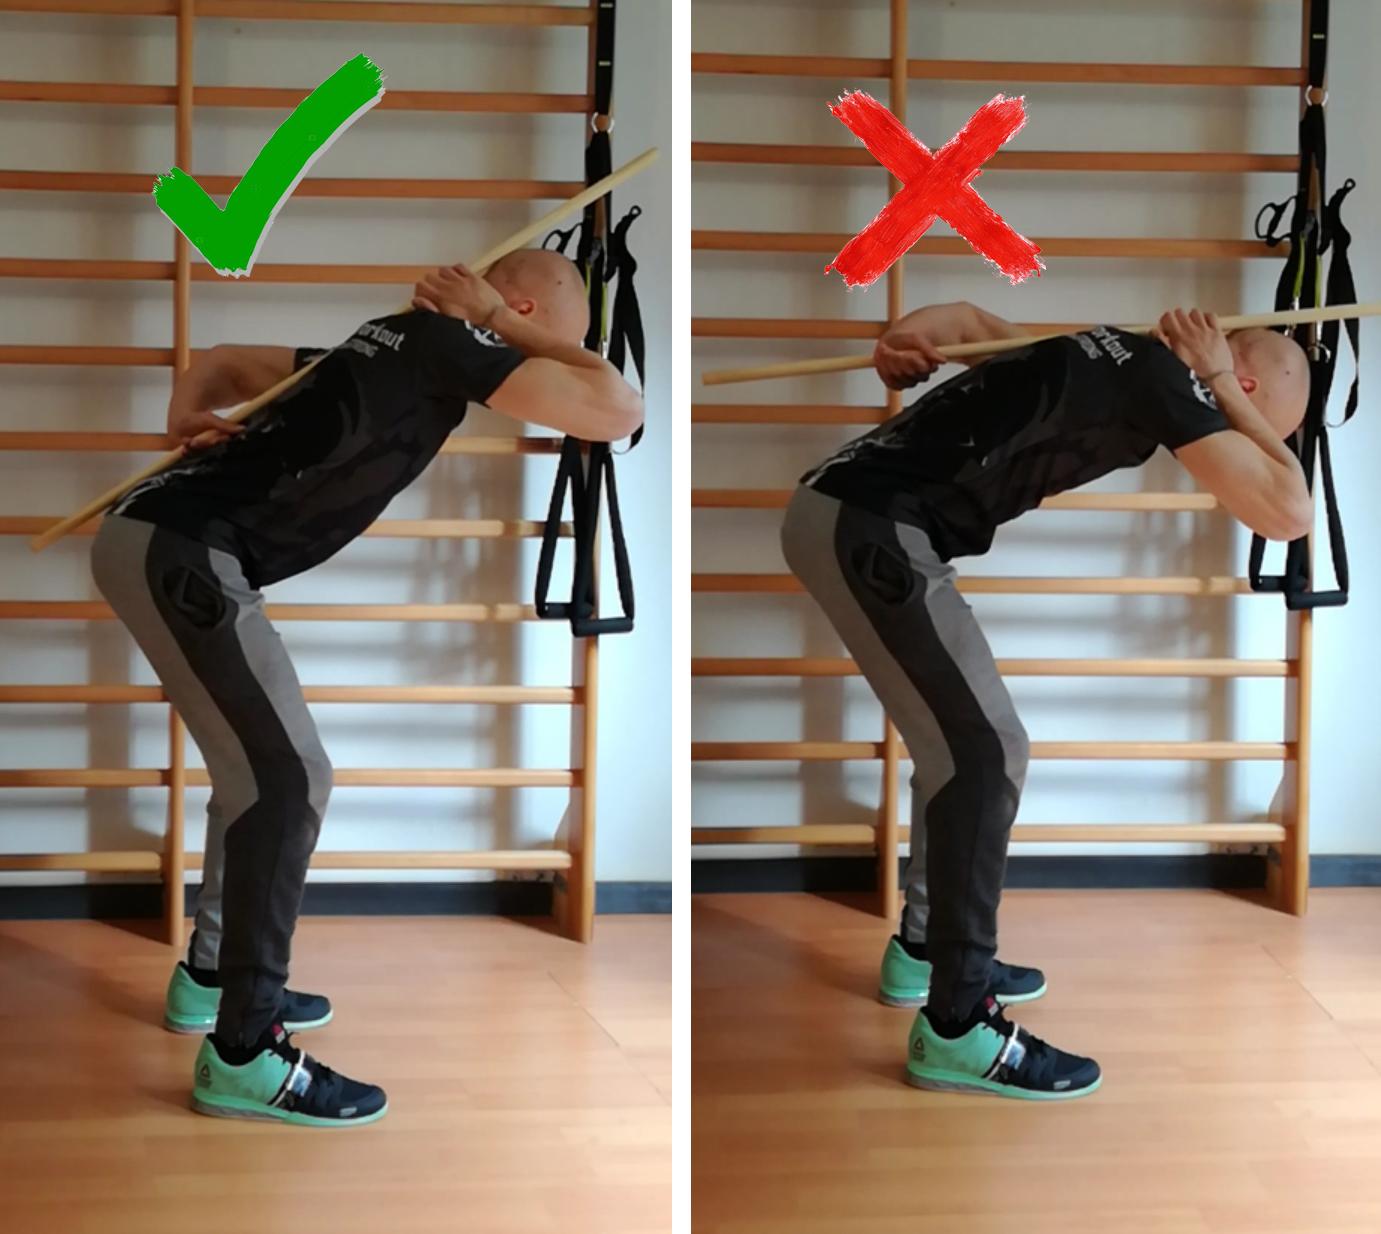 movimento di hip hinge con bastone